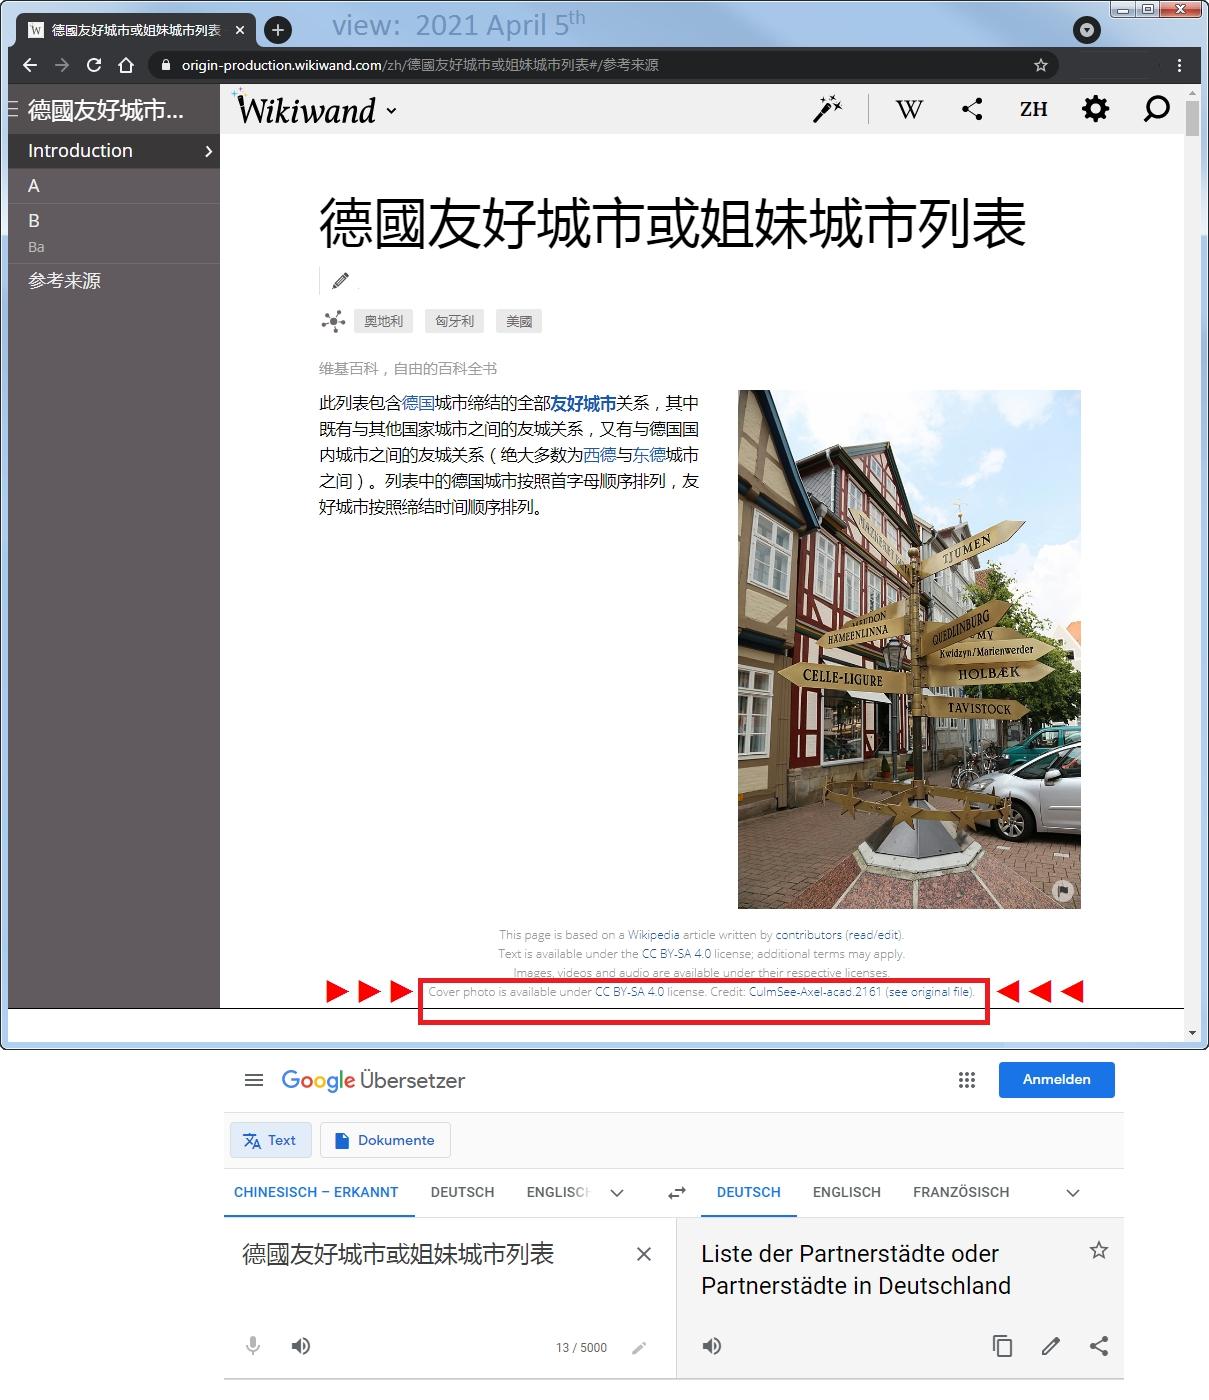 Google-Suche CulmSee-Axel-acad.2161 - Wikiwand Liste der Partnerstädte in Deutschland